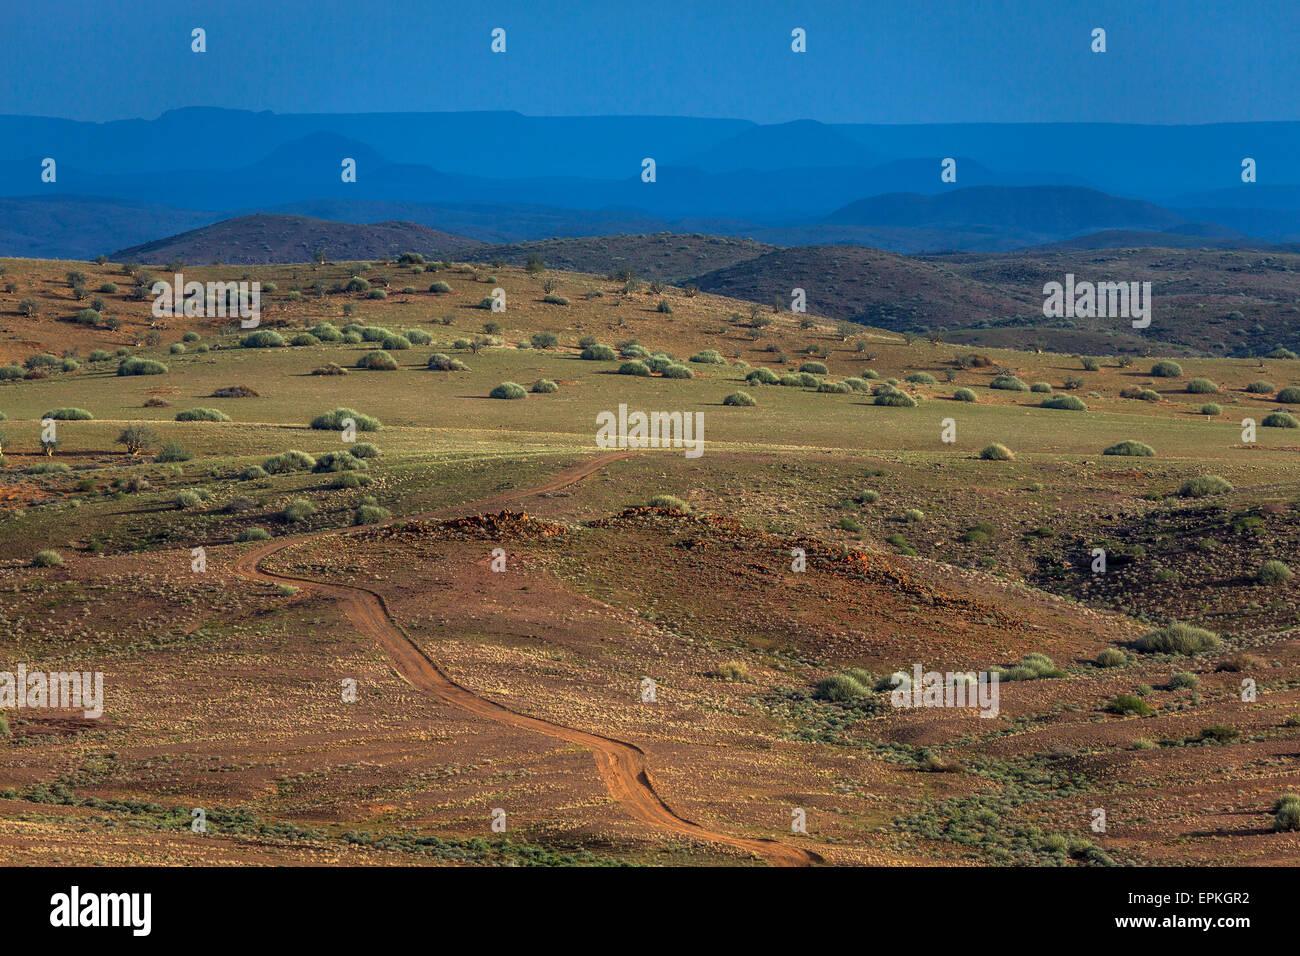 Landscape, Okonjima,Namibia, Africa. - Stock Image